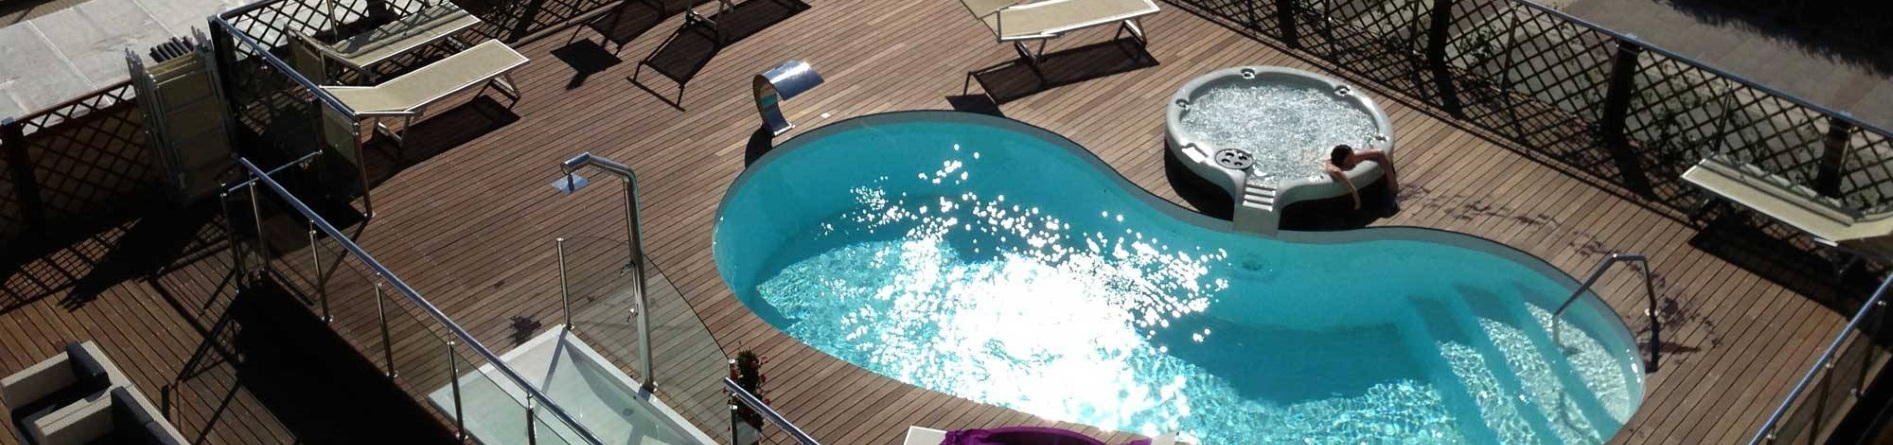 Appartamenti con piscina a Viserbella di Rimini